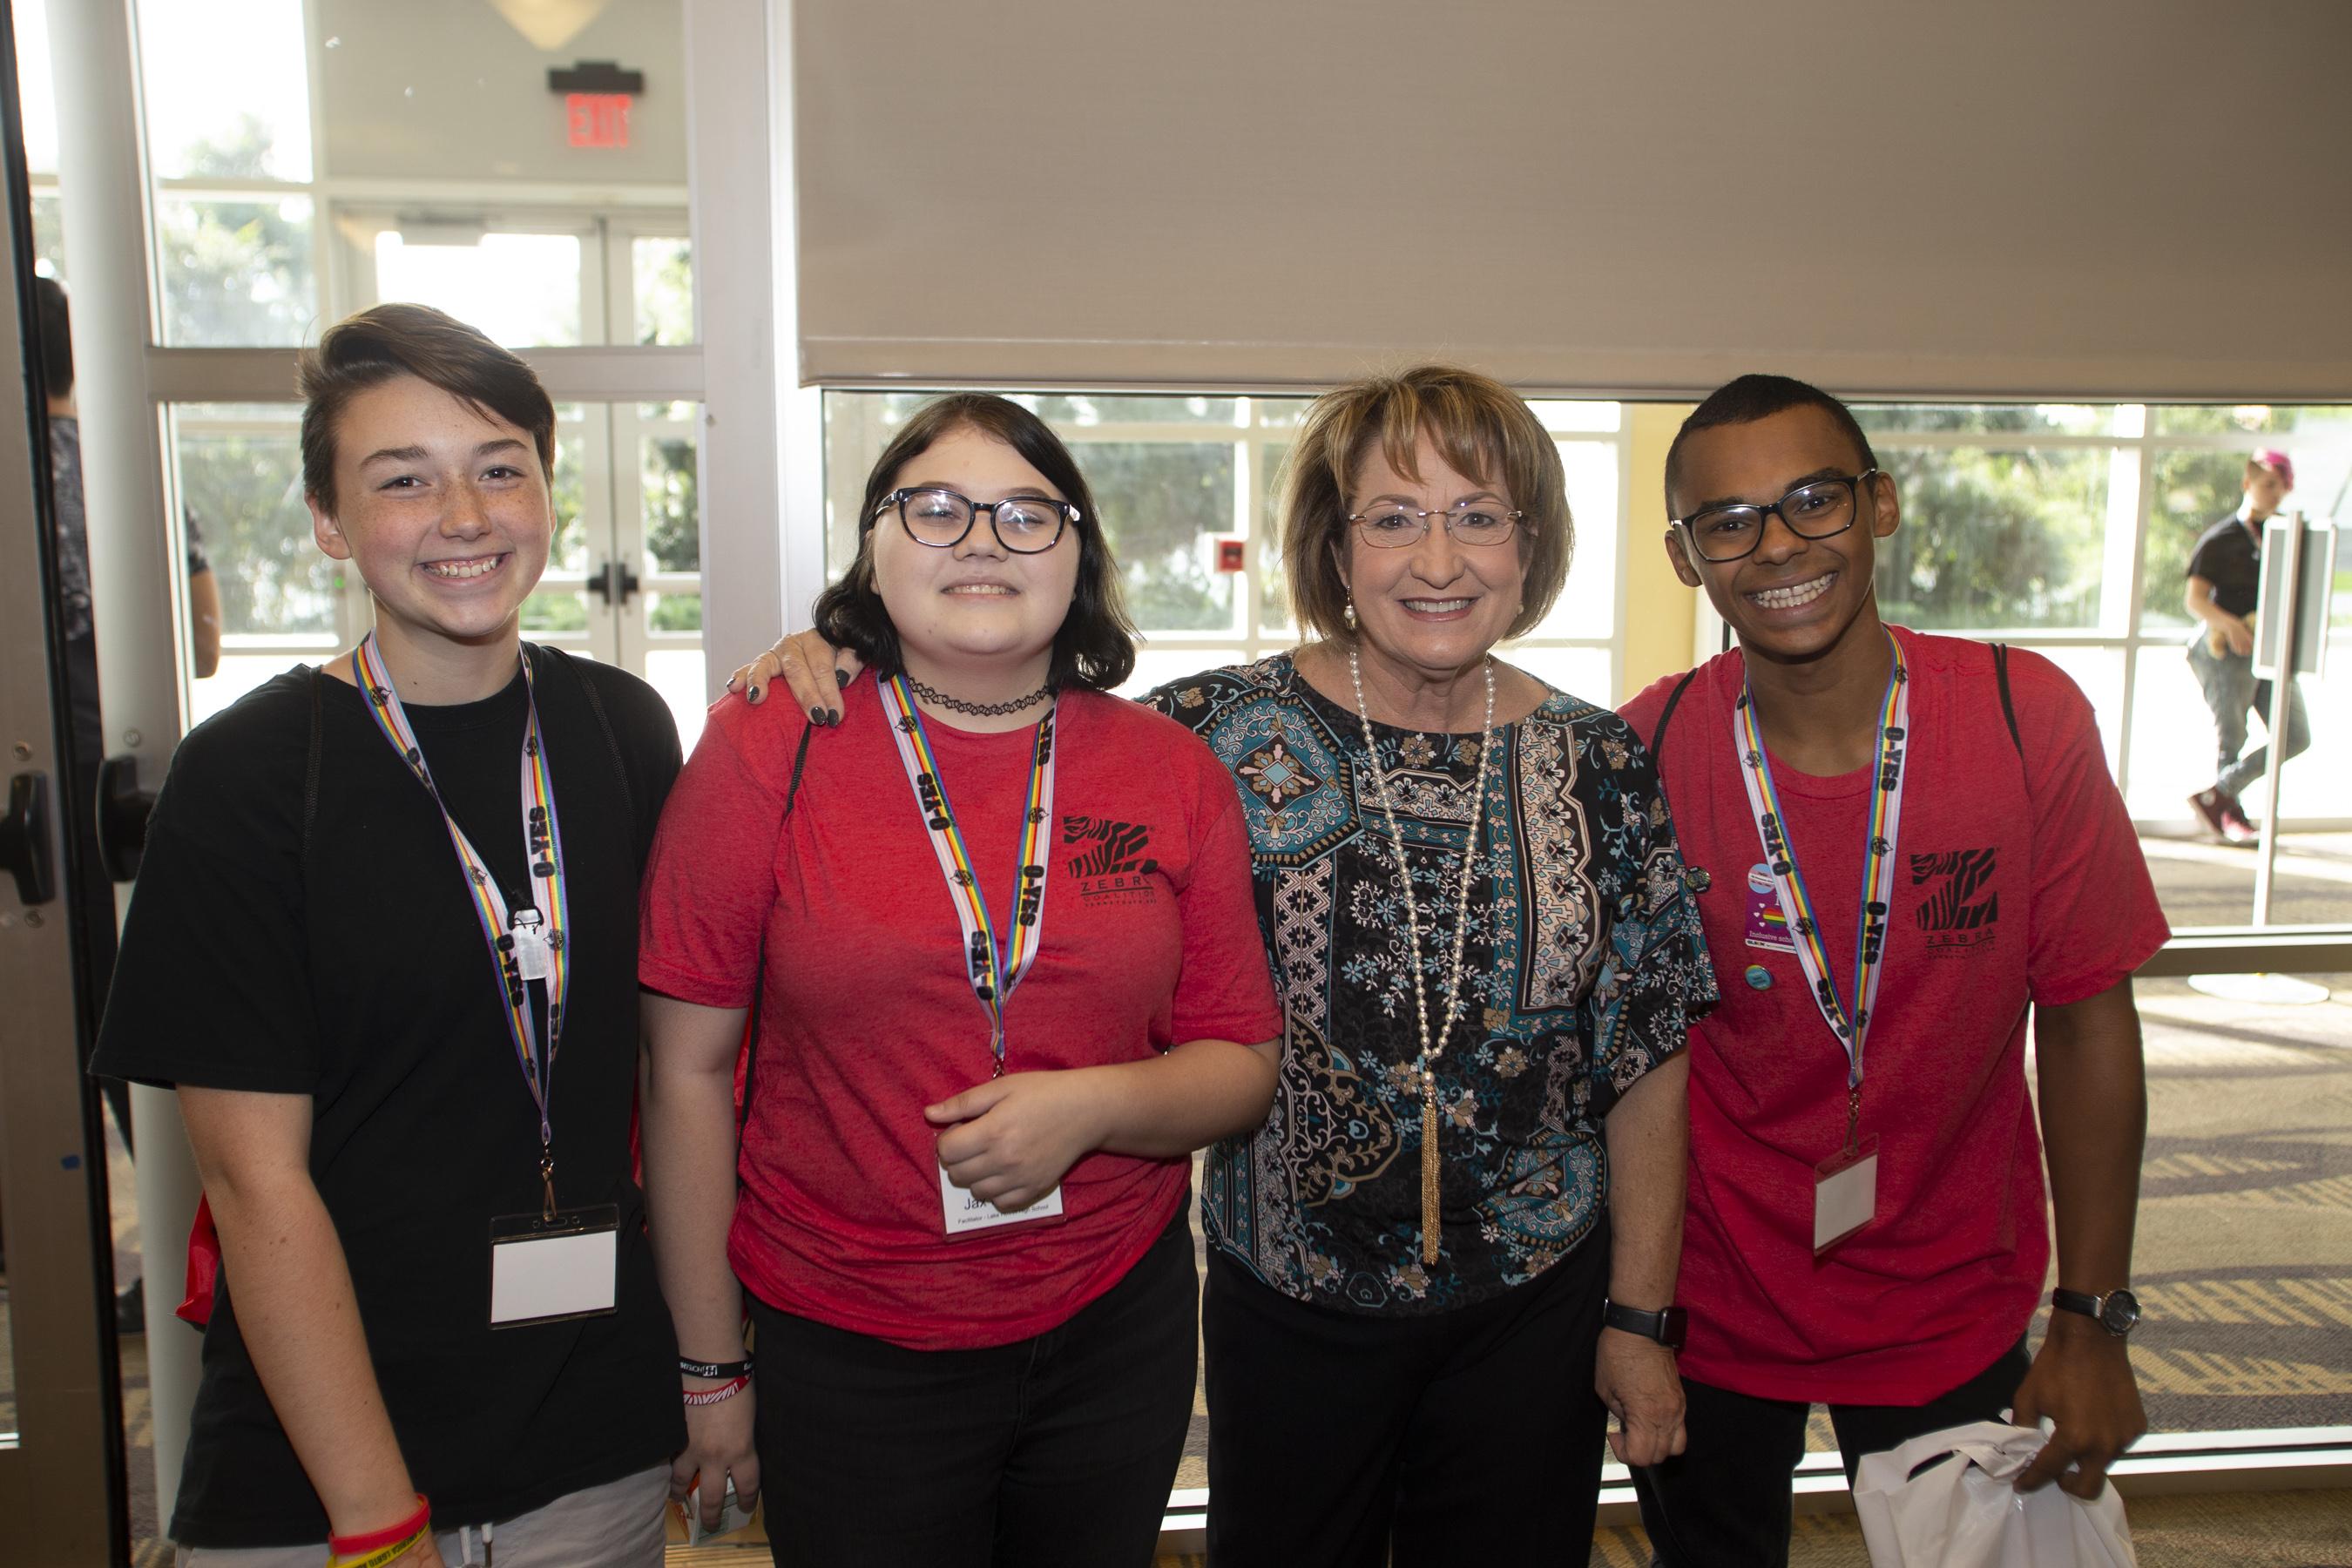 La Alcaldesa Jacobs posando en una foto con tres jóvenes